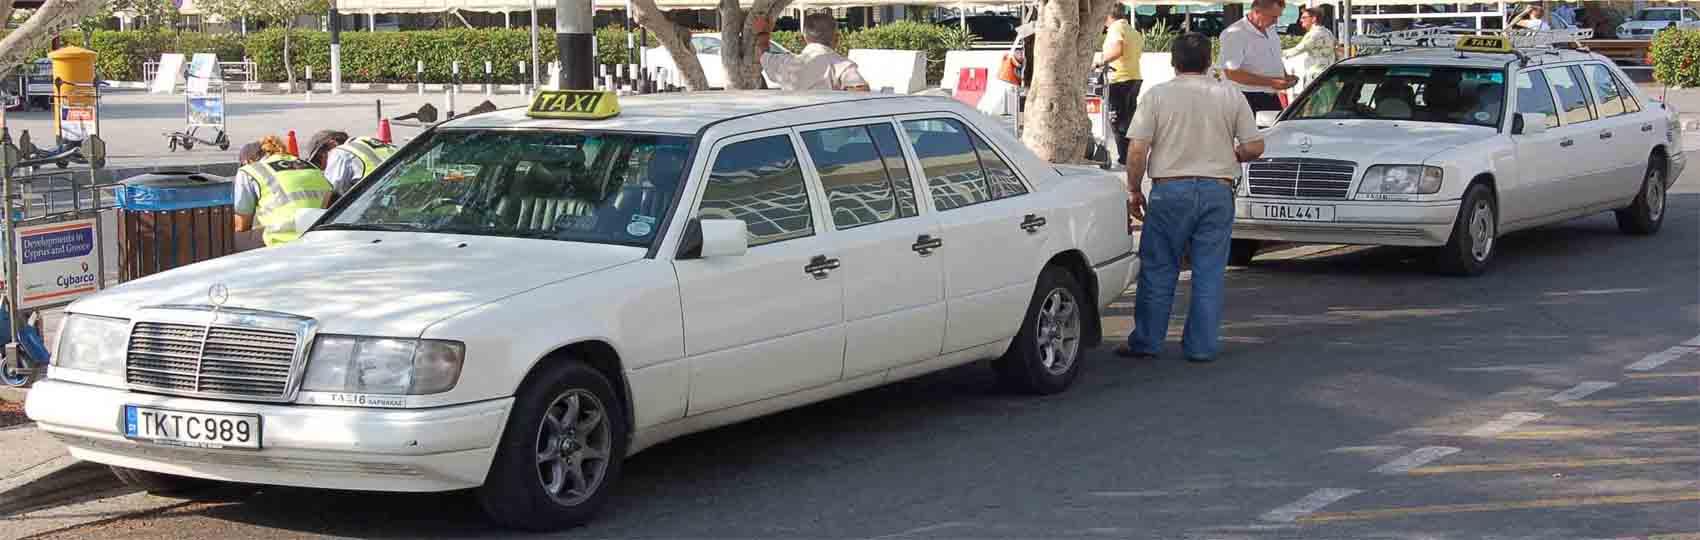 Noticias del sector del taxi y la movilidad en Chipre. Mantente informado de todas las noticias del taxi de Chipre en el grupo de Facebook de Todo Taxi.